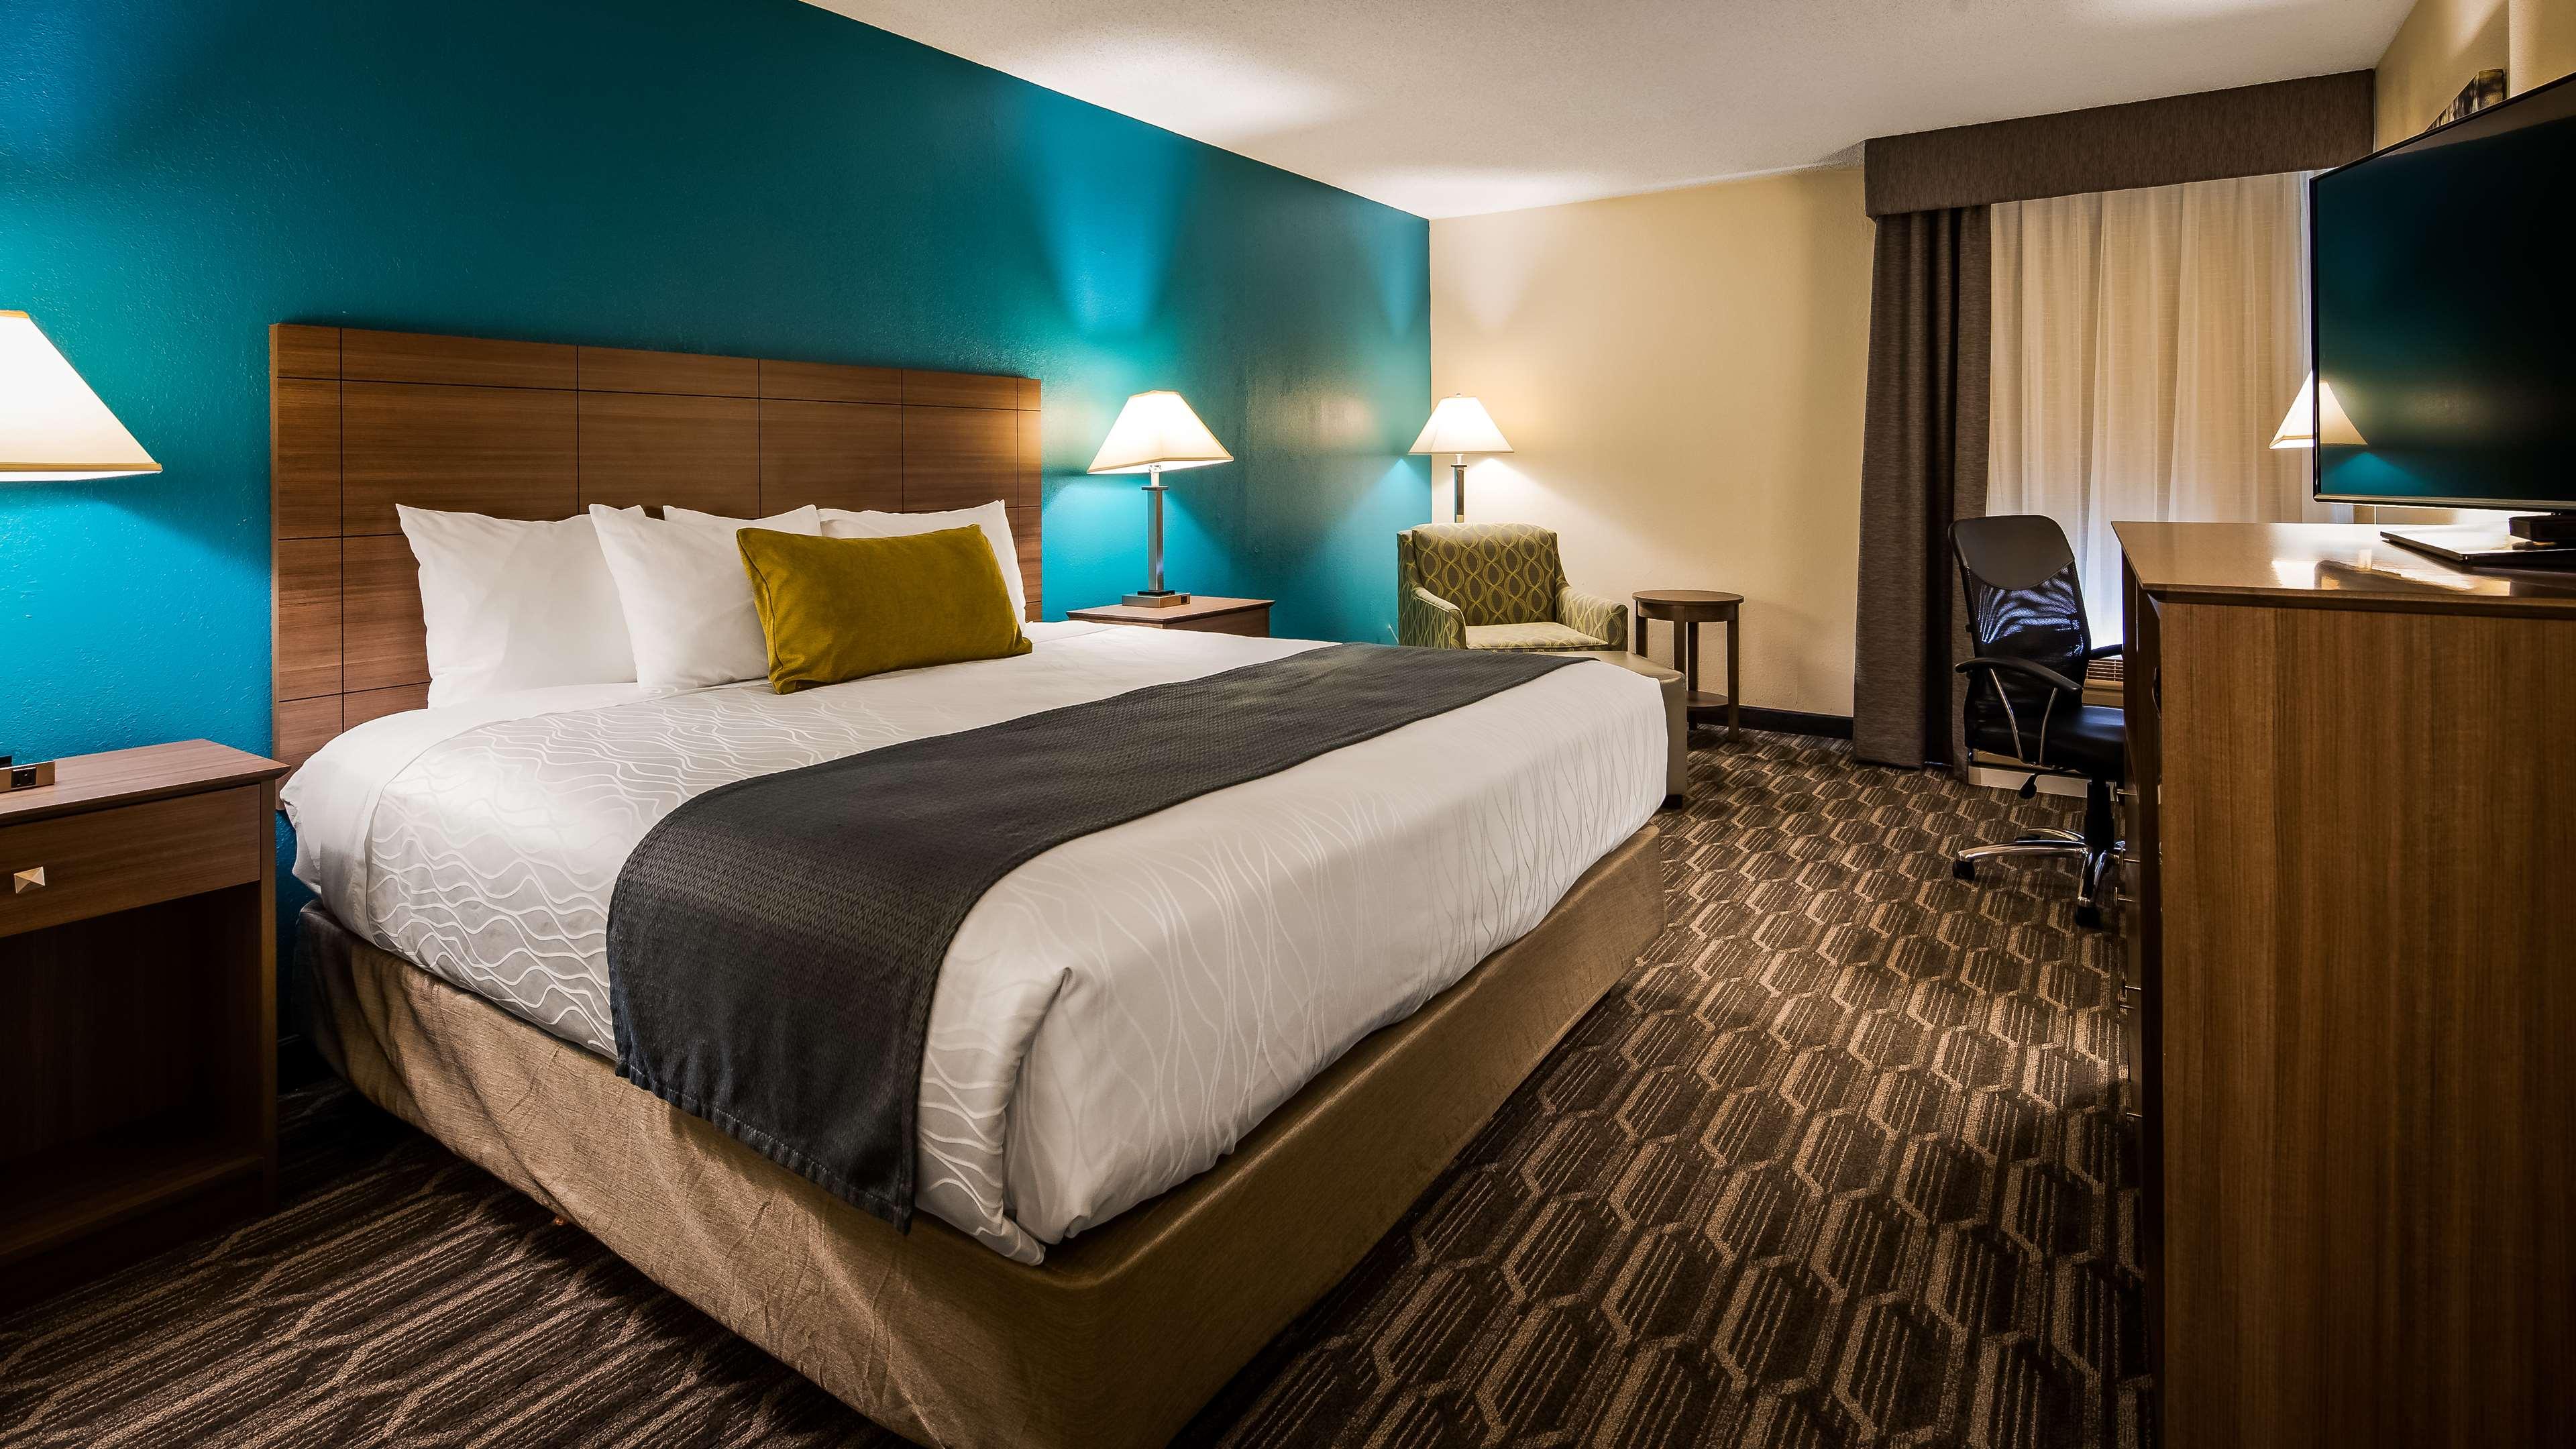 Best Western Plus Yadkin Valley Inn & Suites image 13